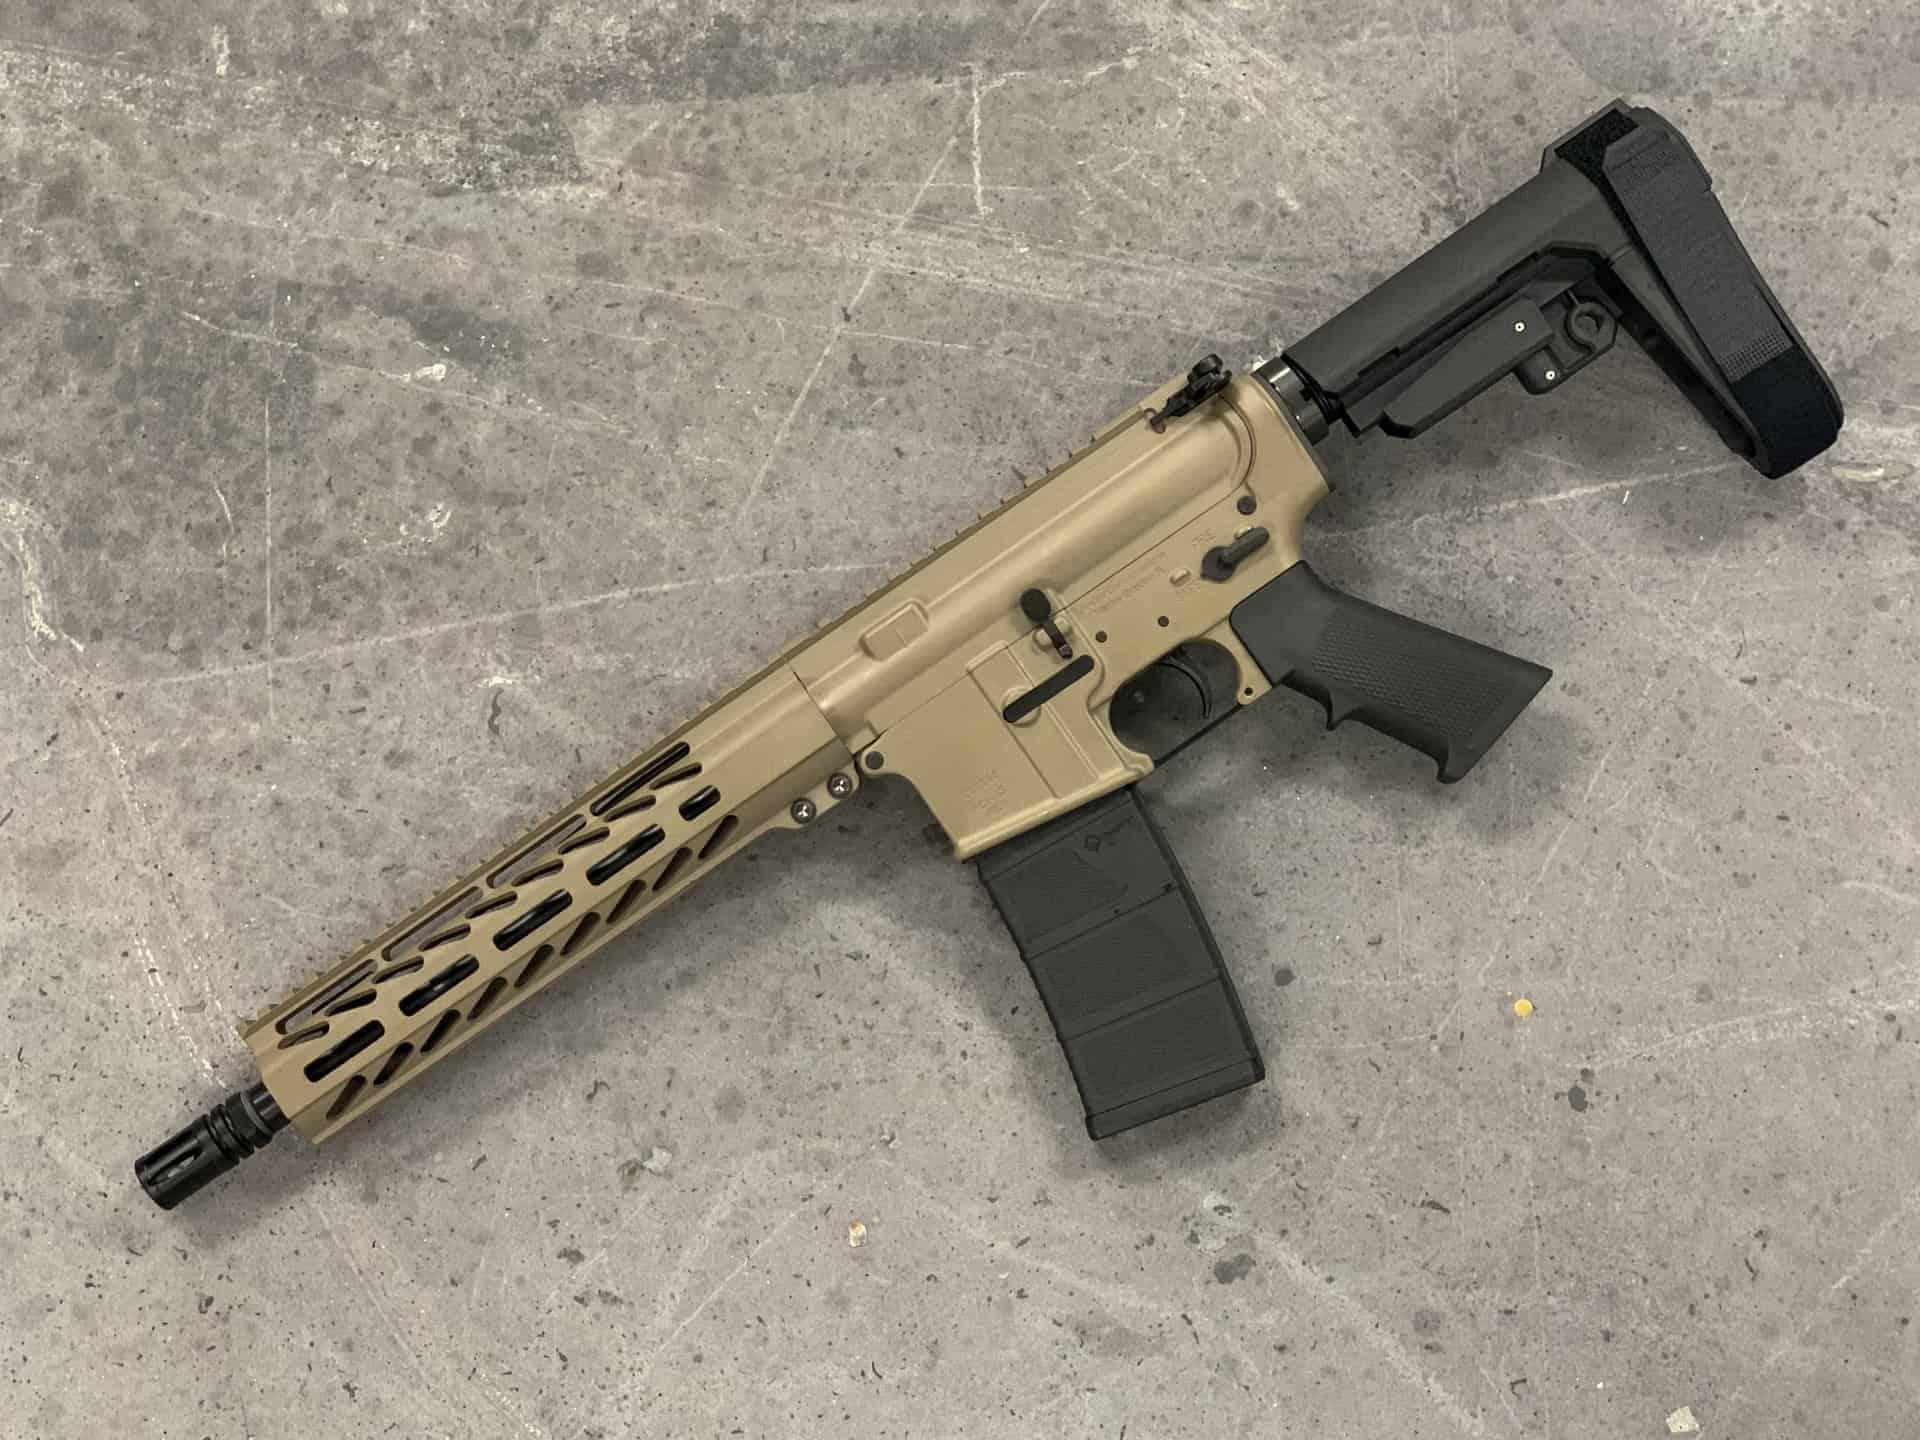 AR-15 PISTOL 556 BLEM 10.3 INCH SBA3 MLOK Andro Corp AR15 Pistol